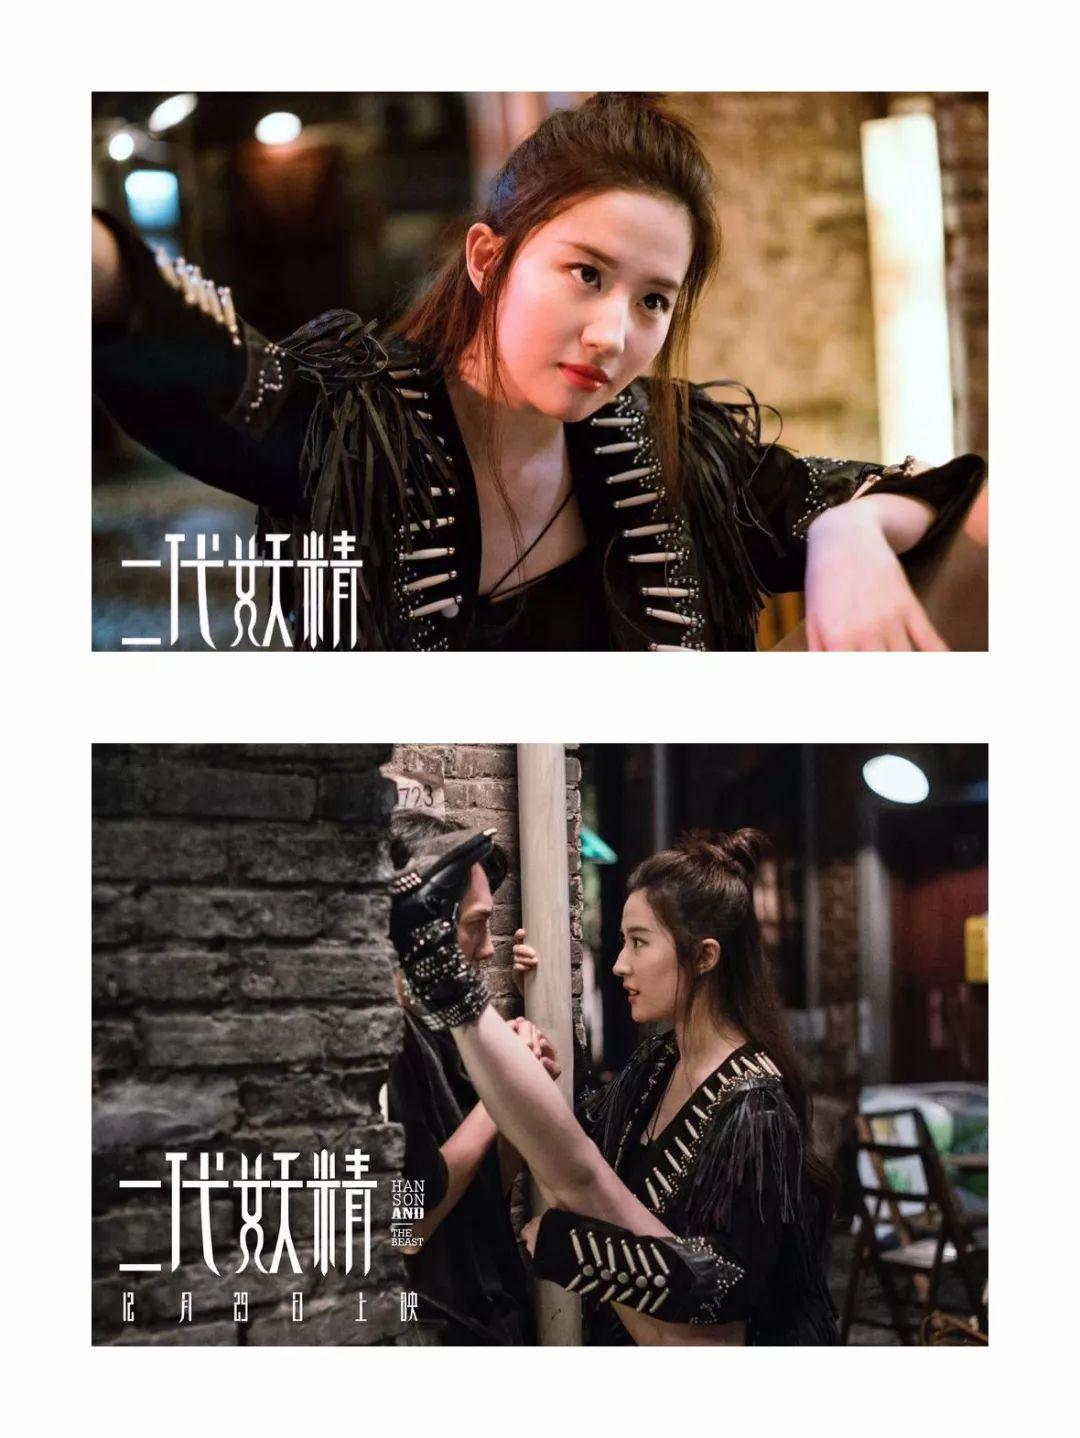 二代妖精 | 刘亦菲-第7张图片